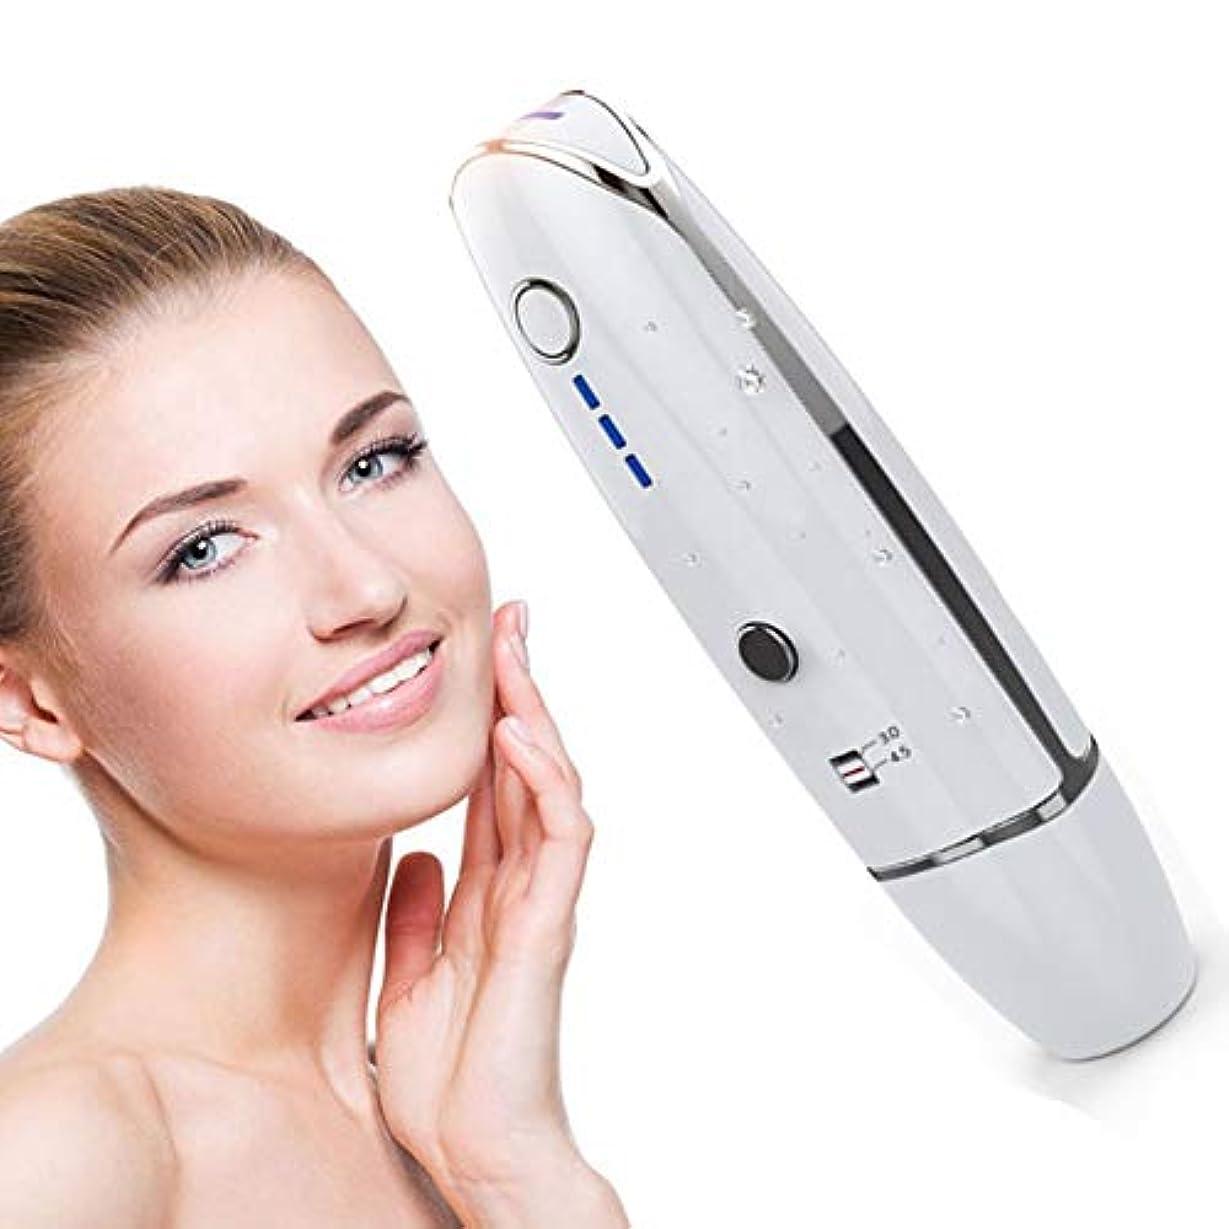 美容スキンケアツールマイクロダーマブレーションデバイスにきび傷除去剤サロン&スパフェイストーニング